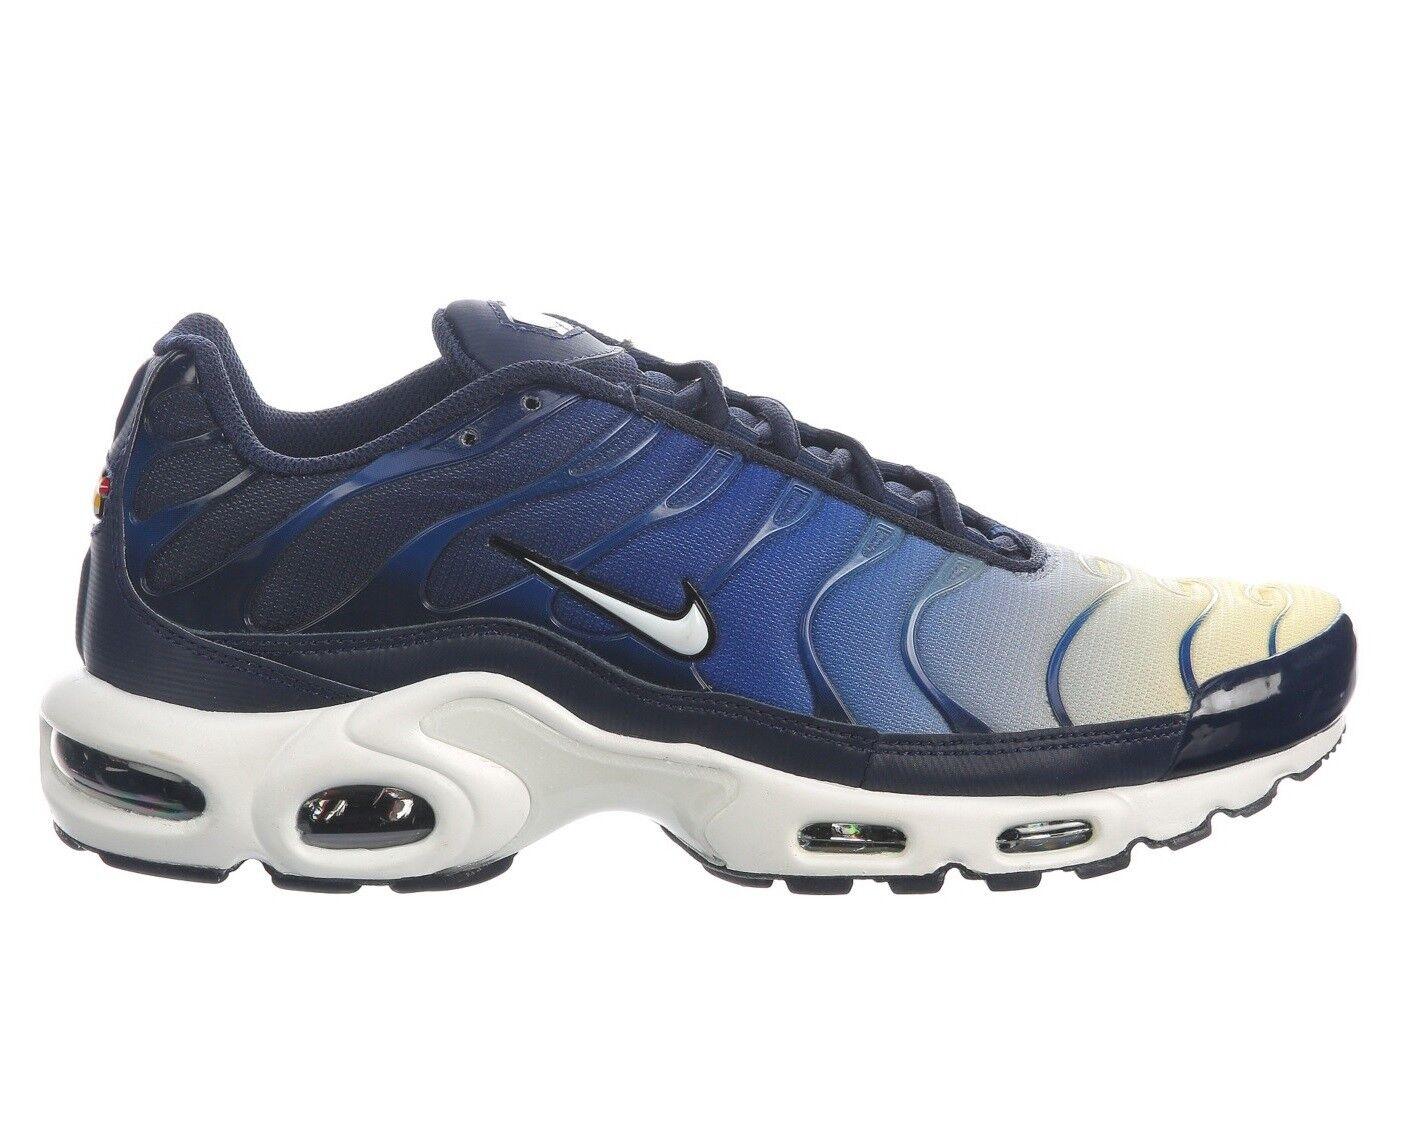 Nike air max max max plus farbverlauf mens 852630-407 blau gelb laufschuhe größe 7 e4d16b